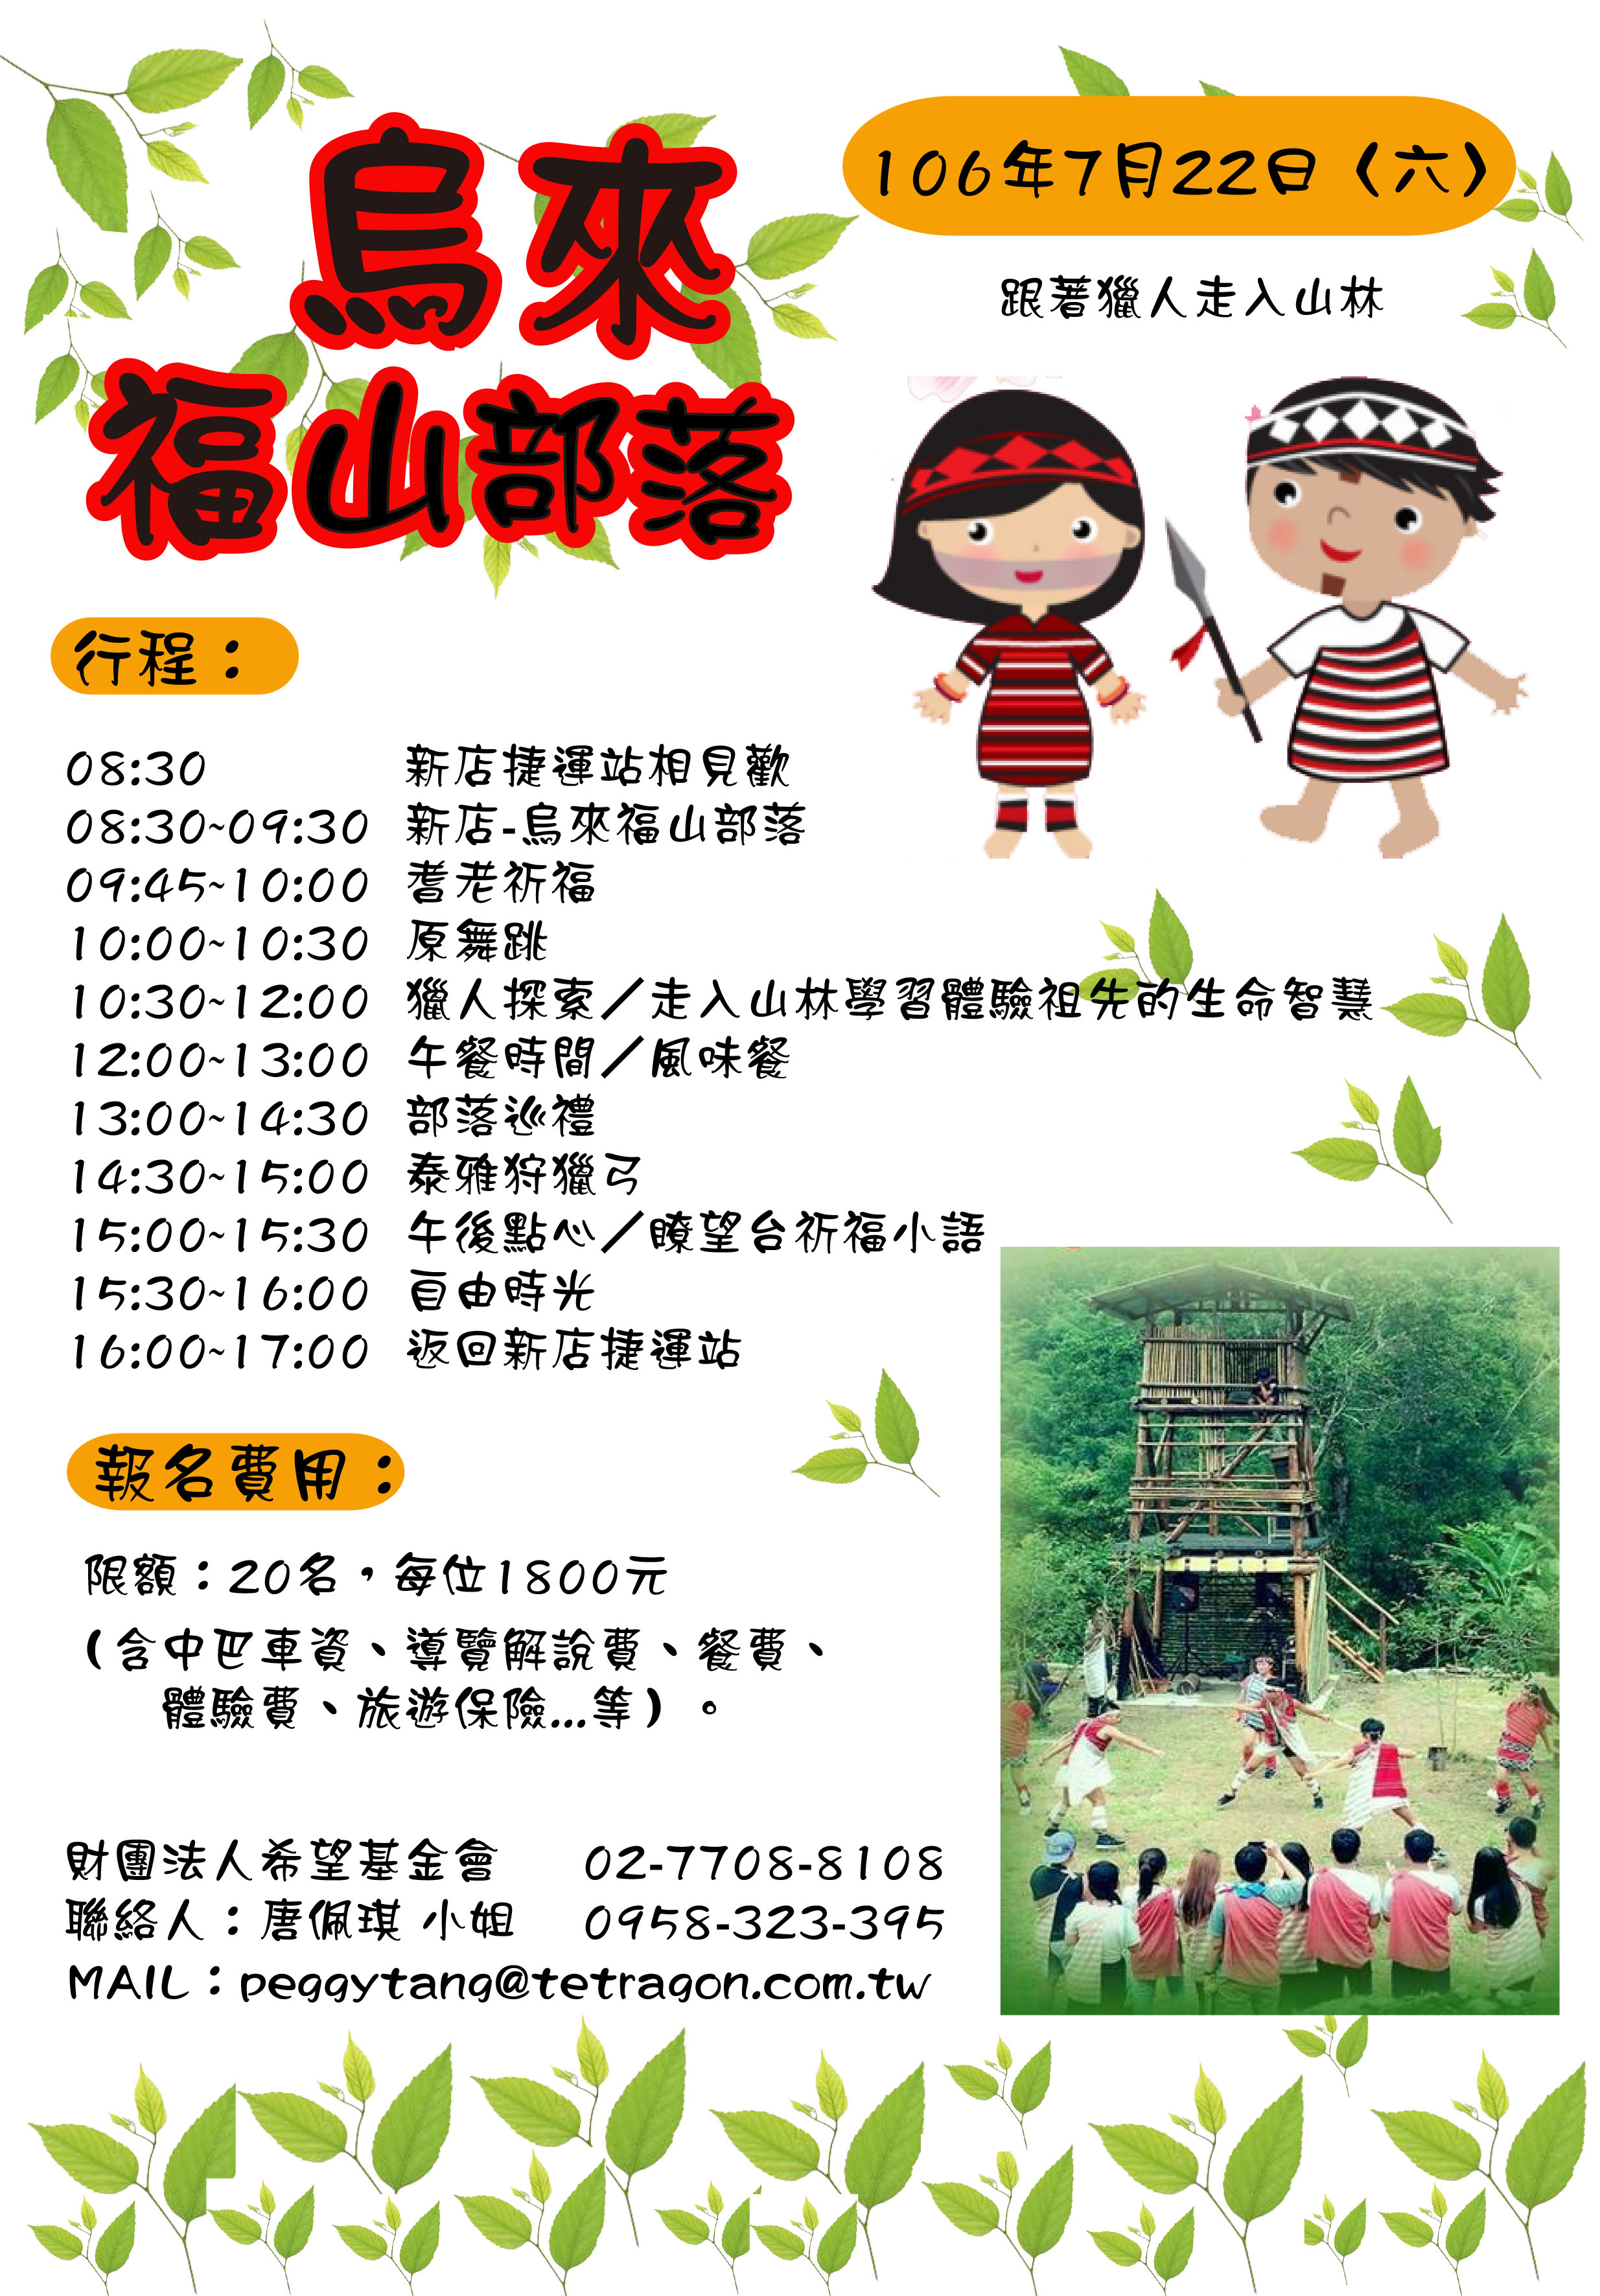 烏來福山部落-EDM